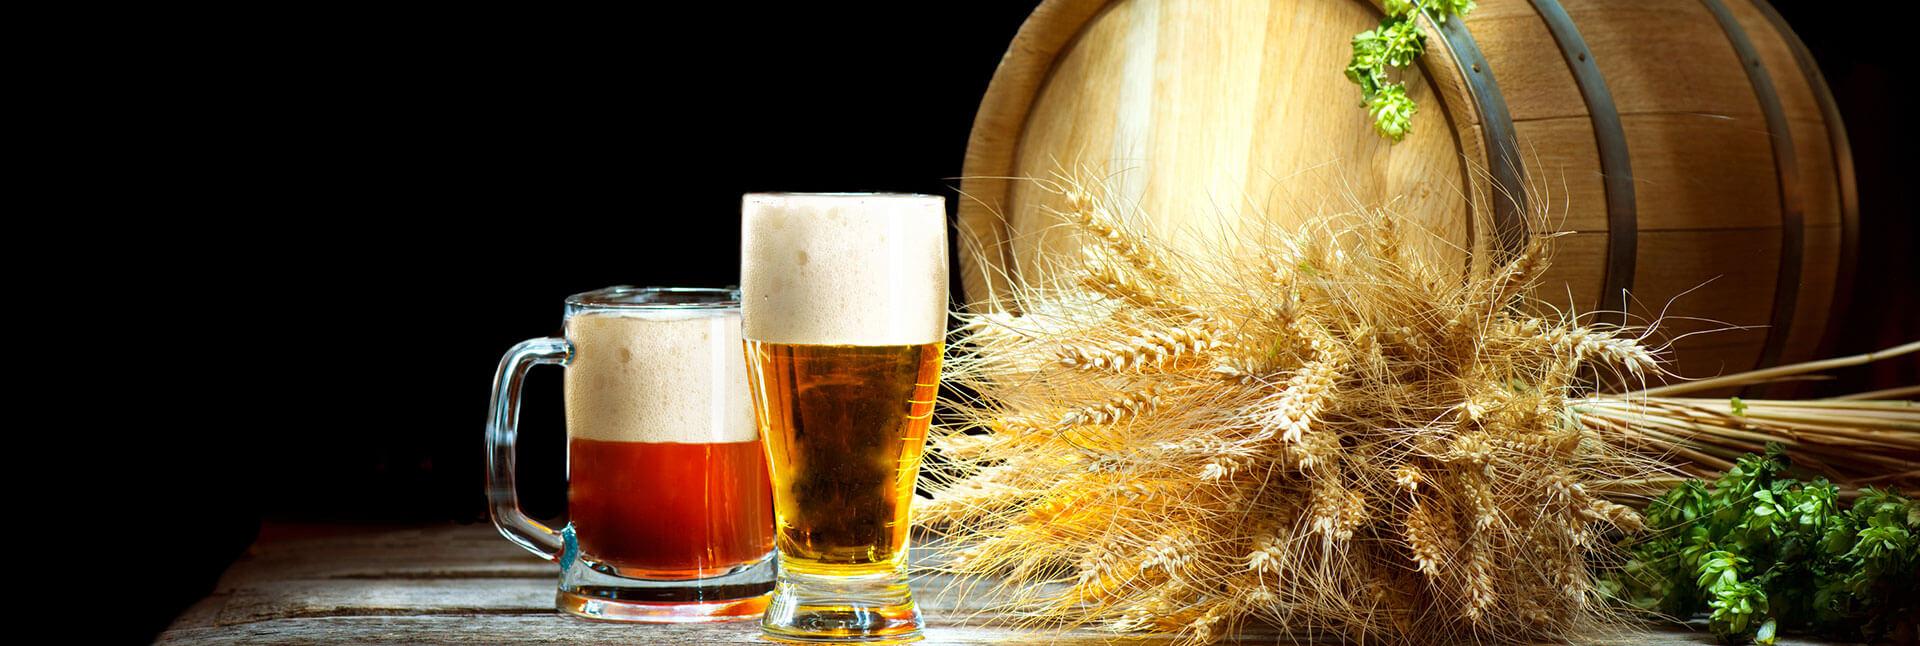 Beer Scene for Beer Menu Page